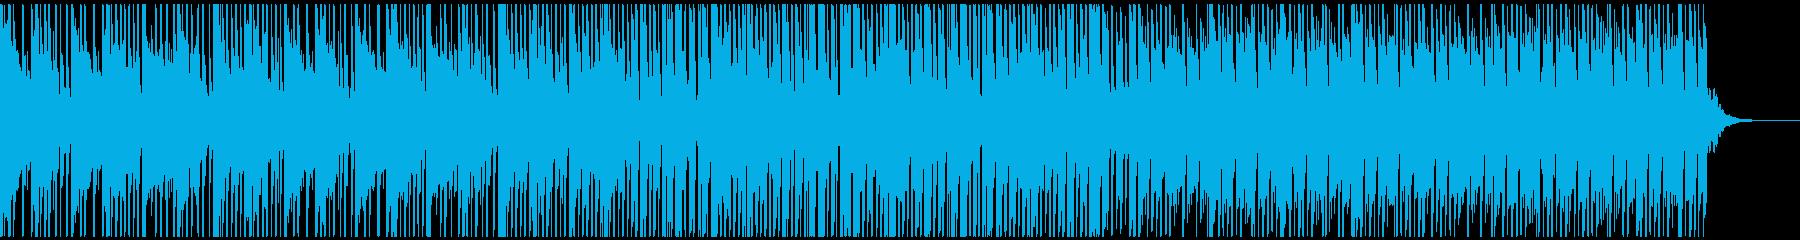 ピアノとブレイクビートのクールな楽曲の再生済みの波形